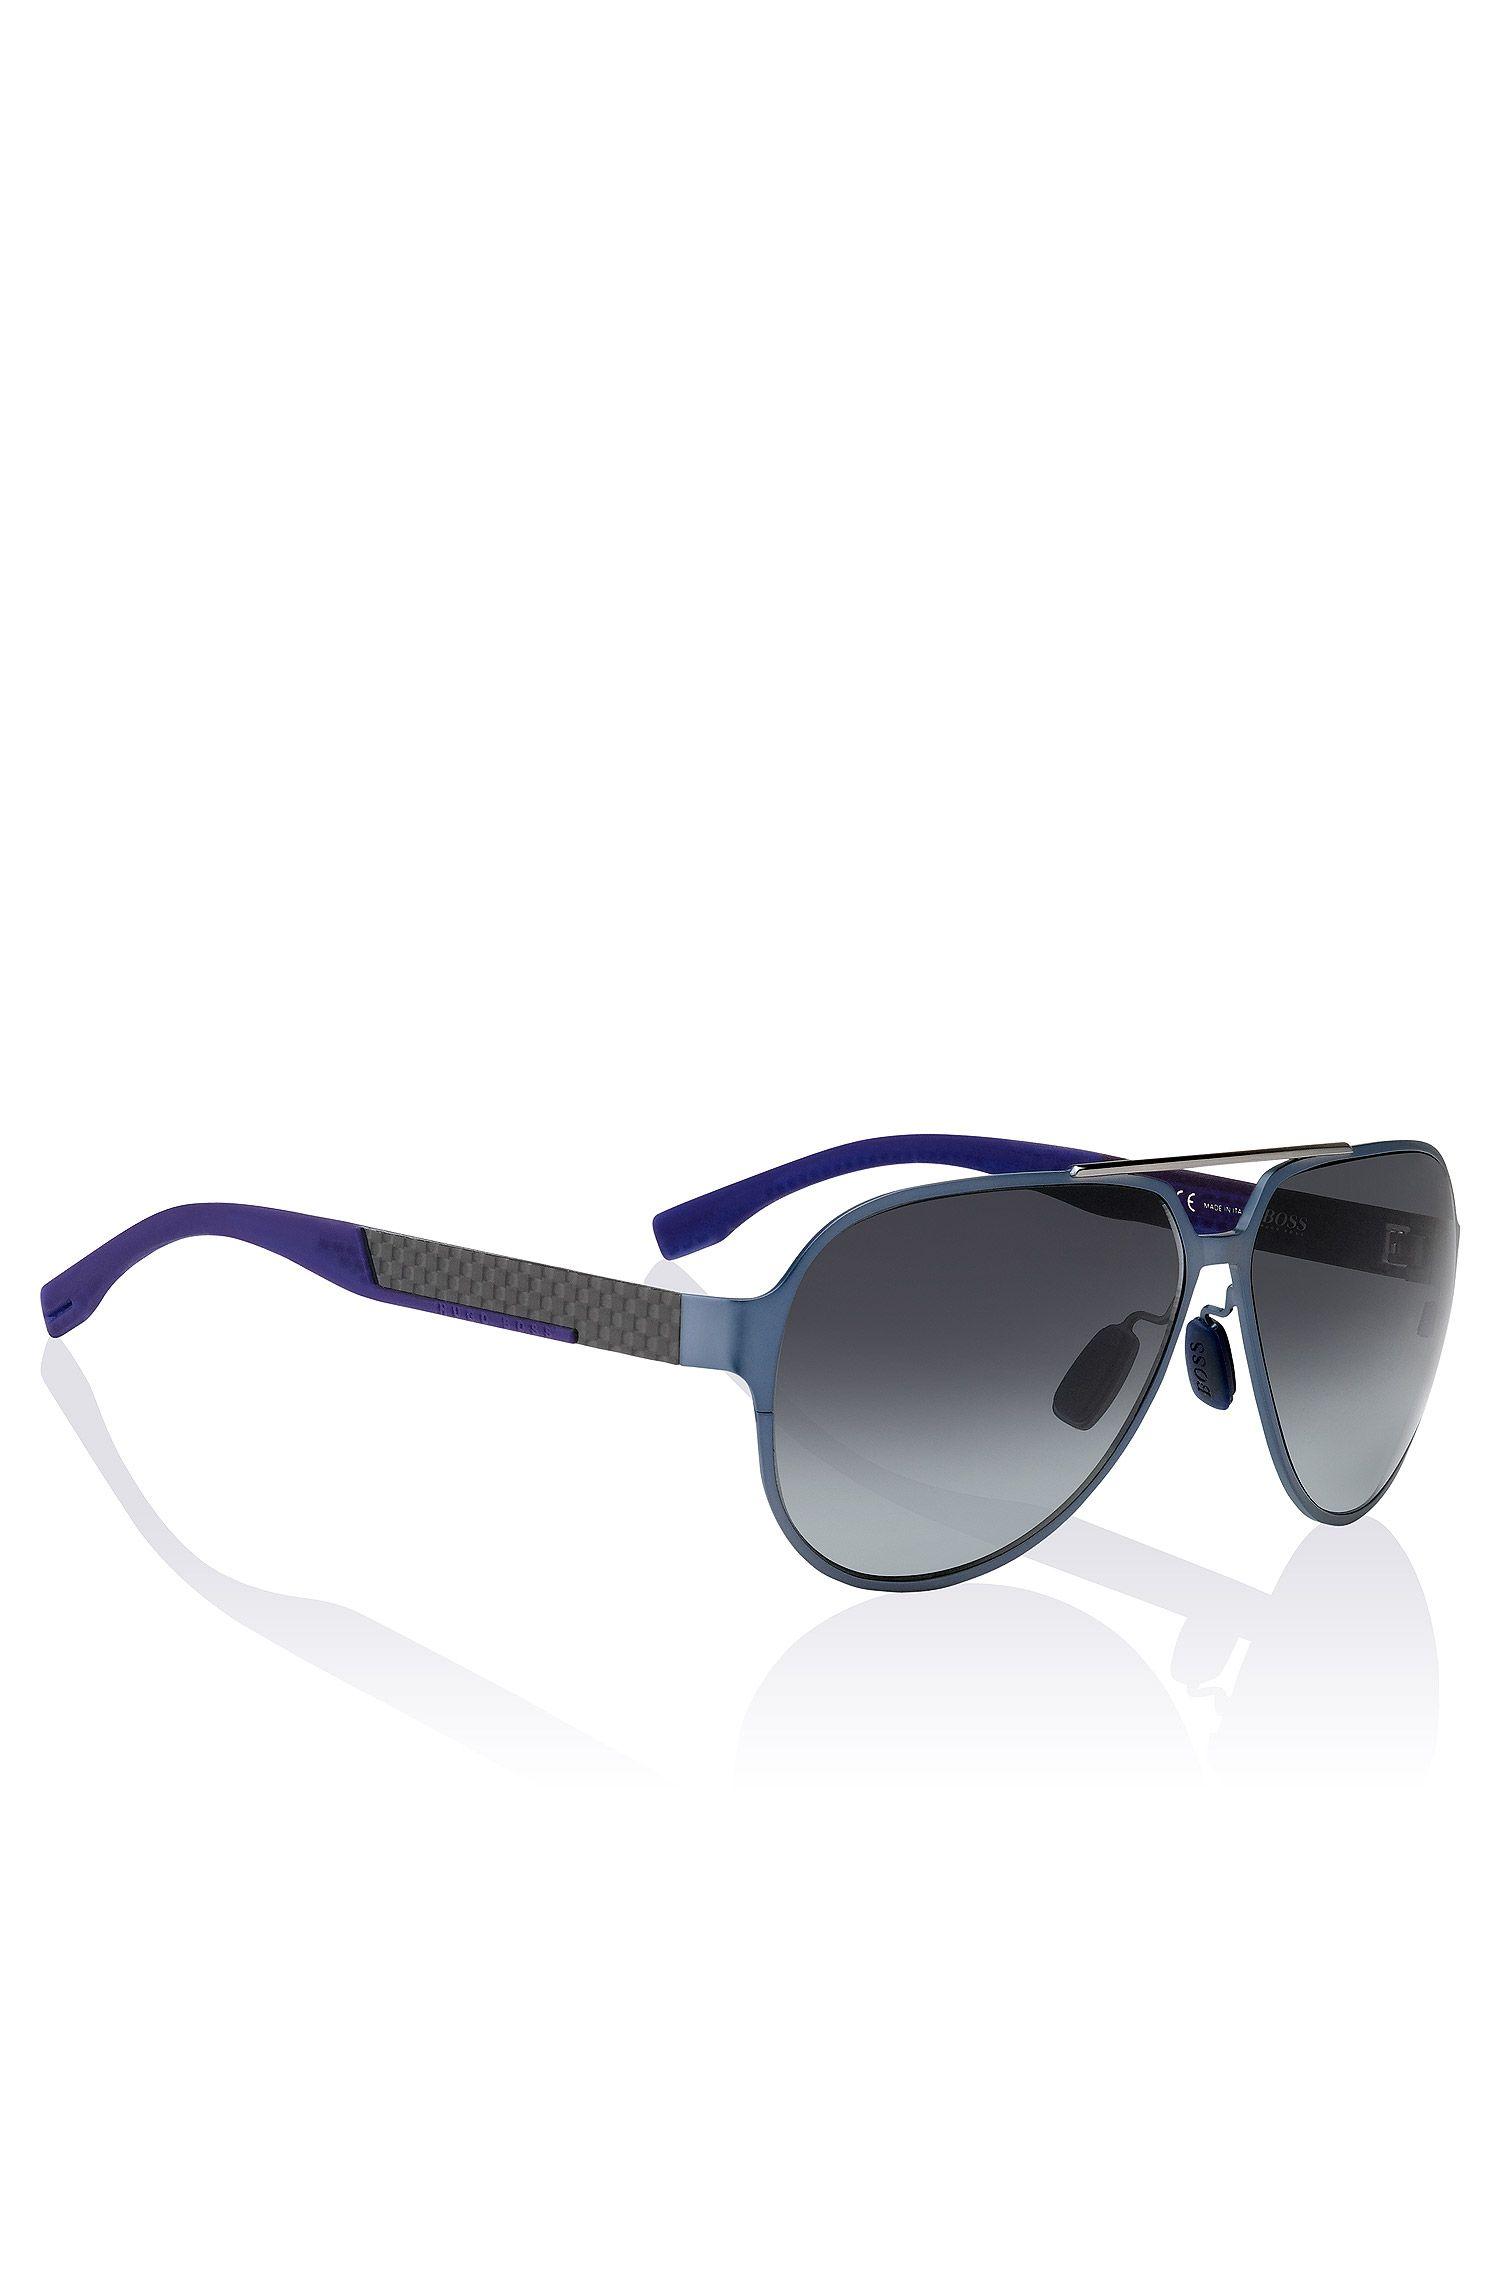 Gafas de sol de piloto 'BOSS 0669'